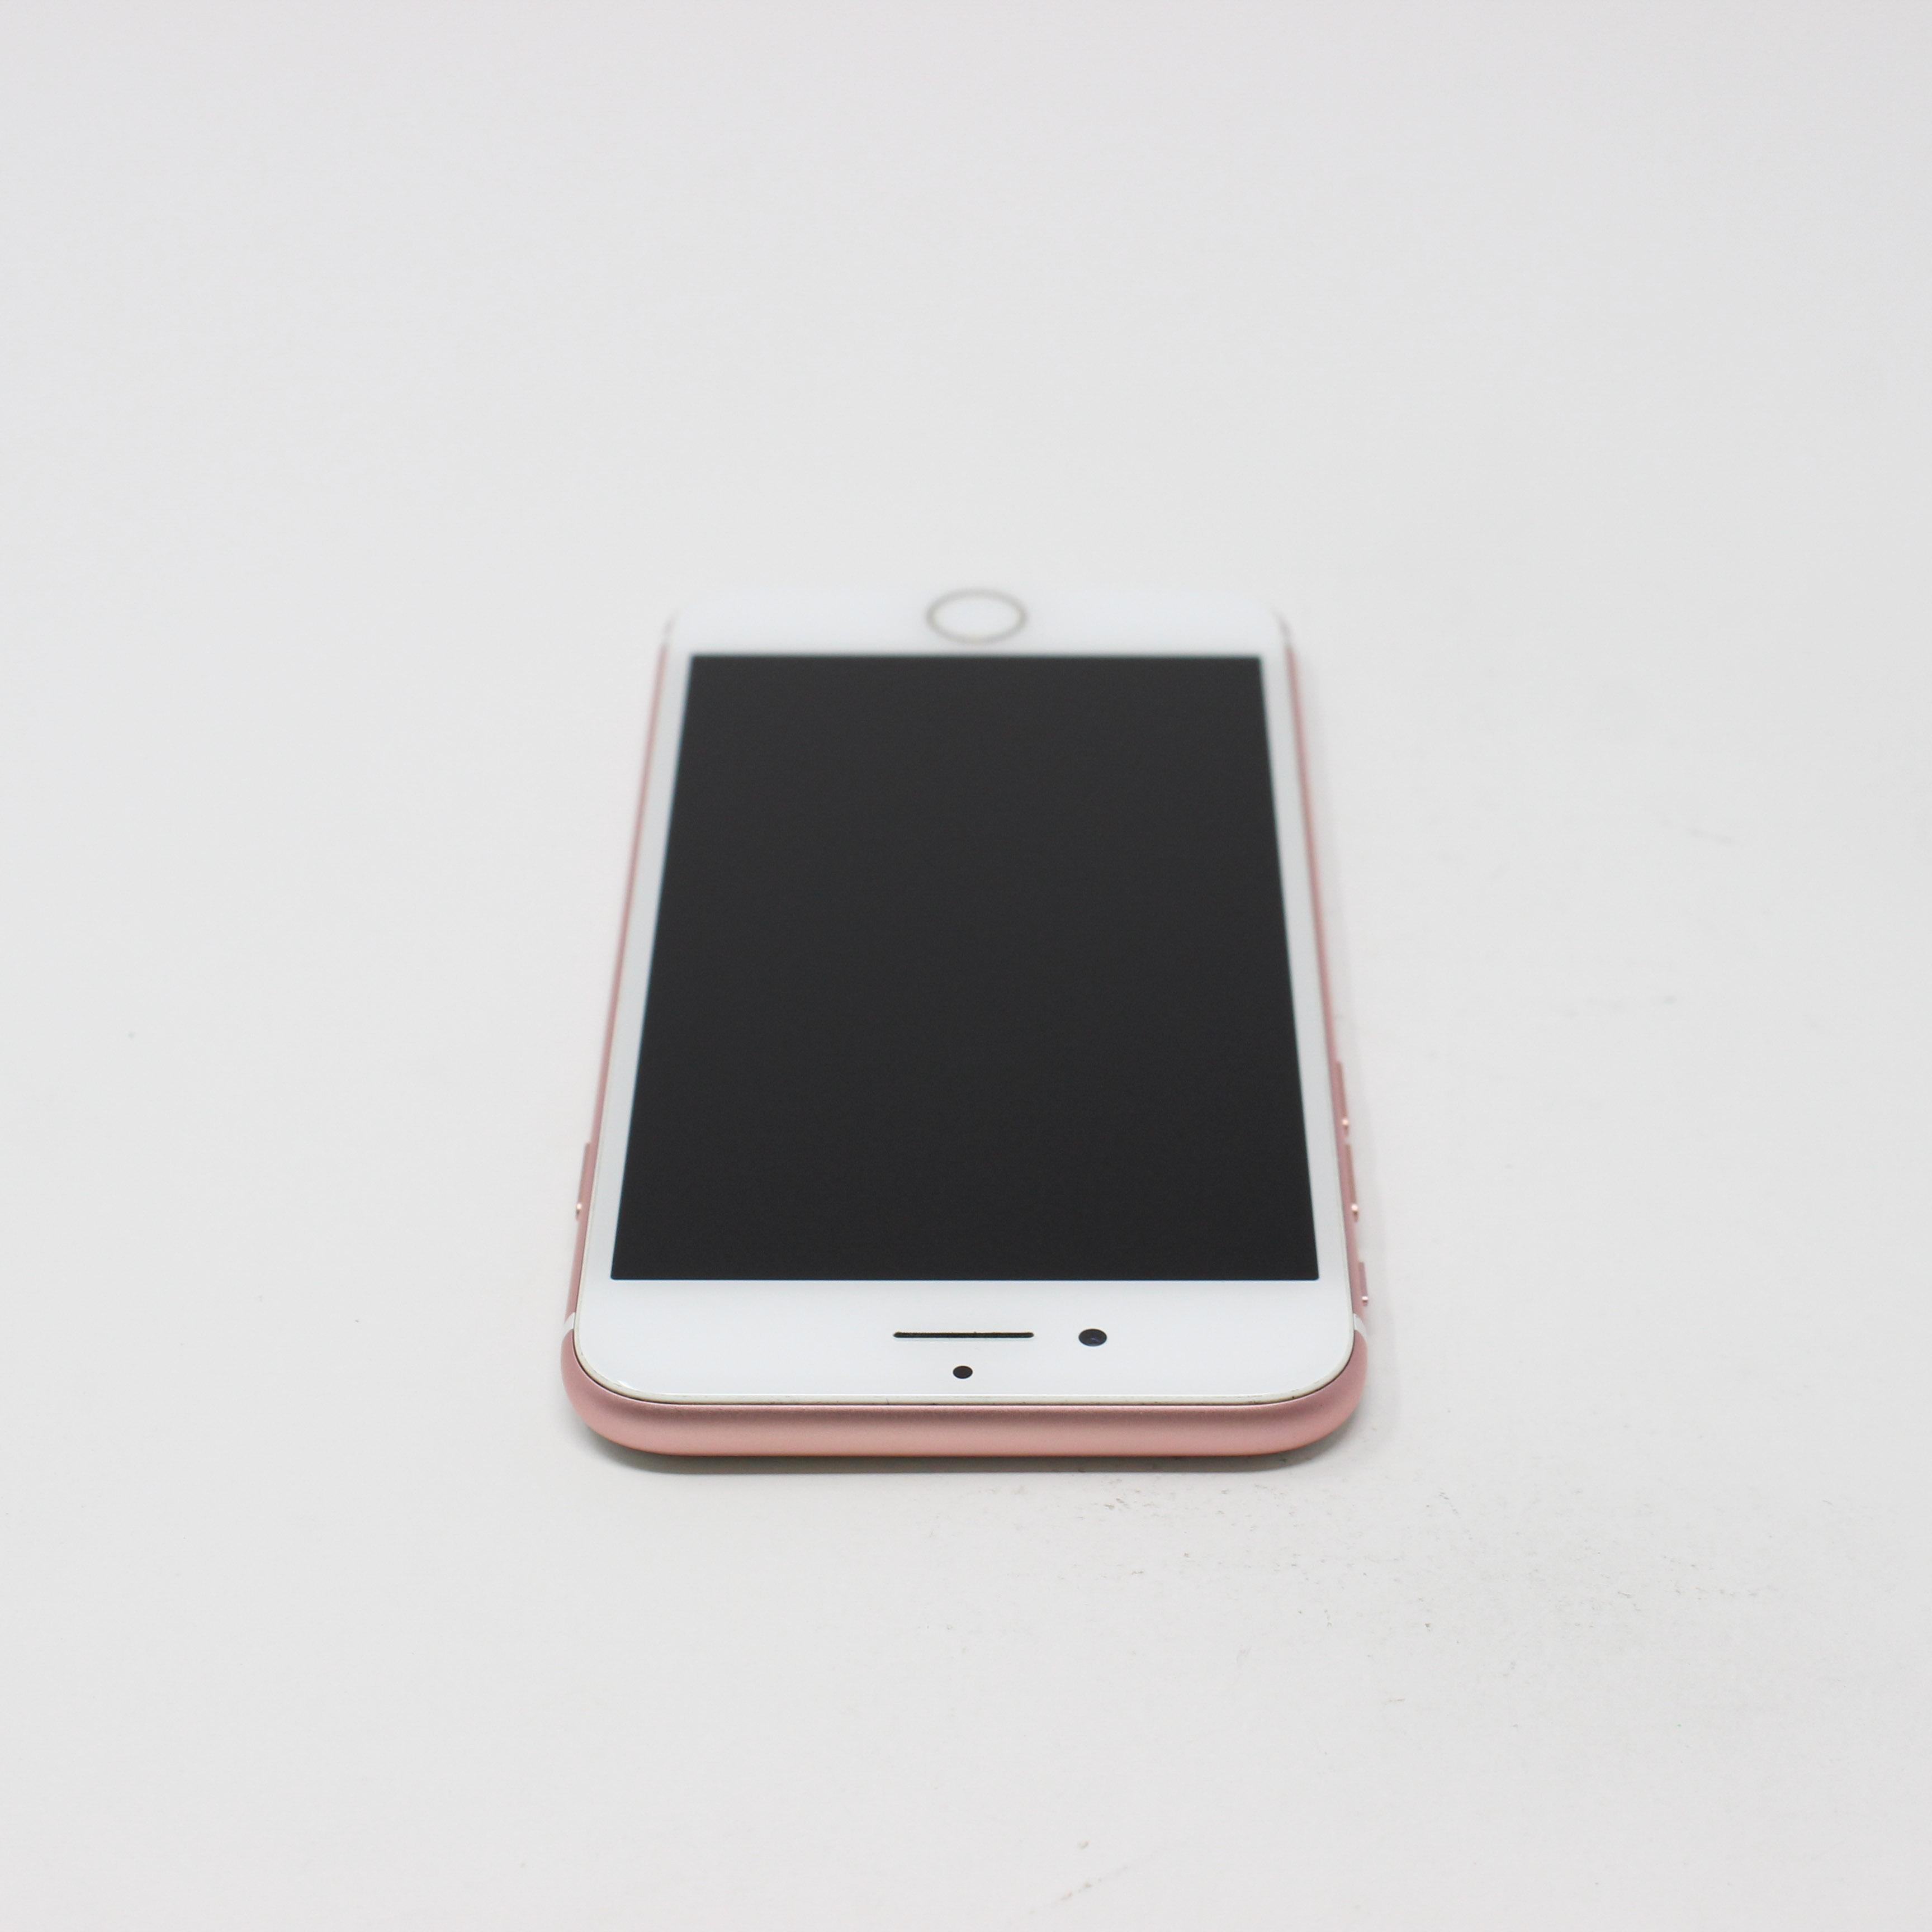 iPhone 7 32GB Rose Gold - Verizon photo 4   UpTradeit.com